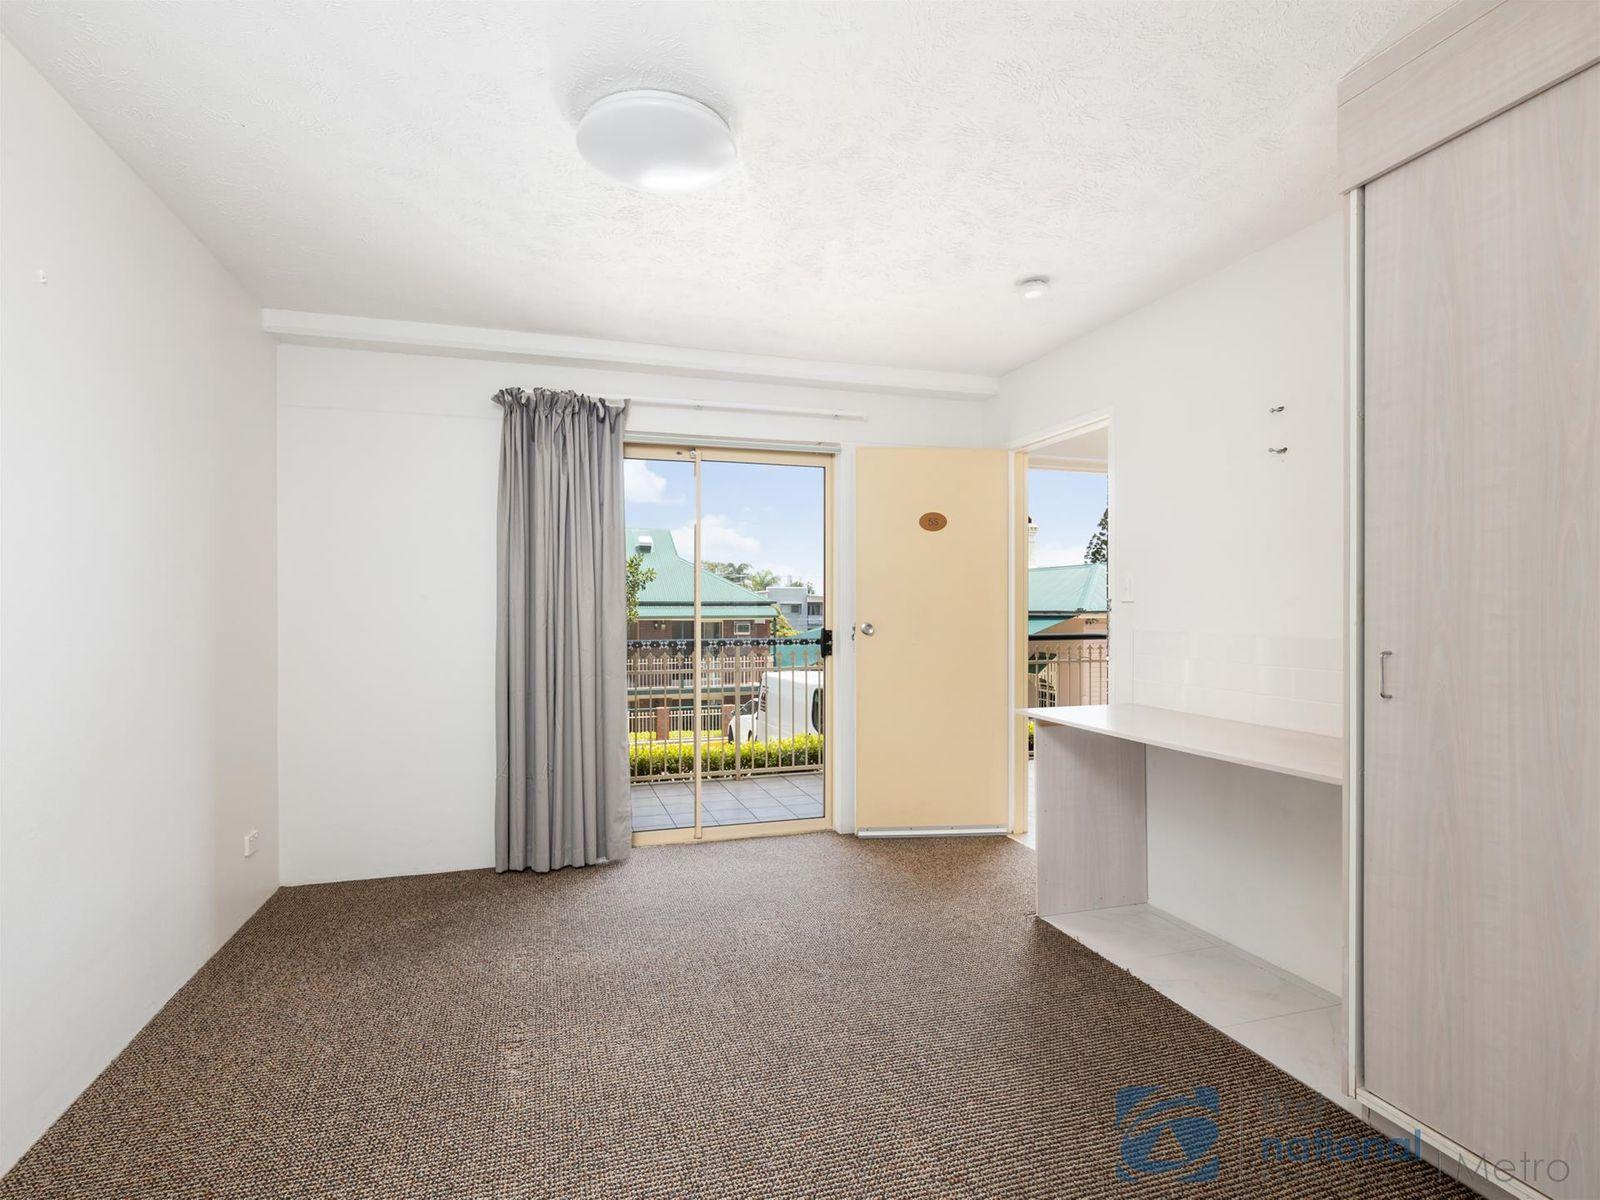 5/9 Wooloowin Avenue, Wooloowin, QLD 4030